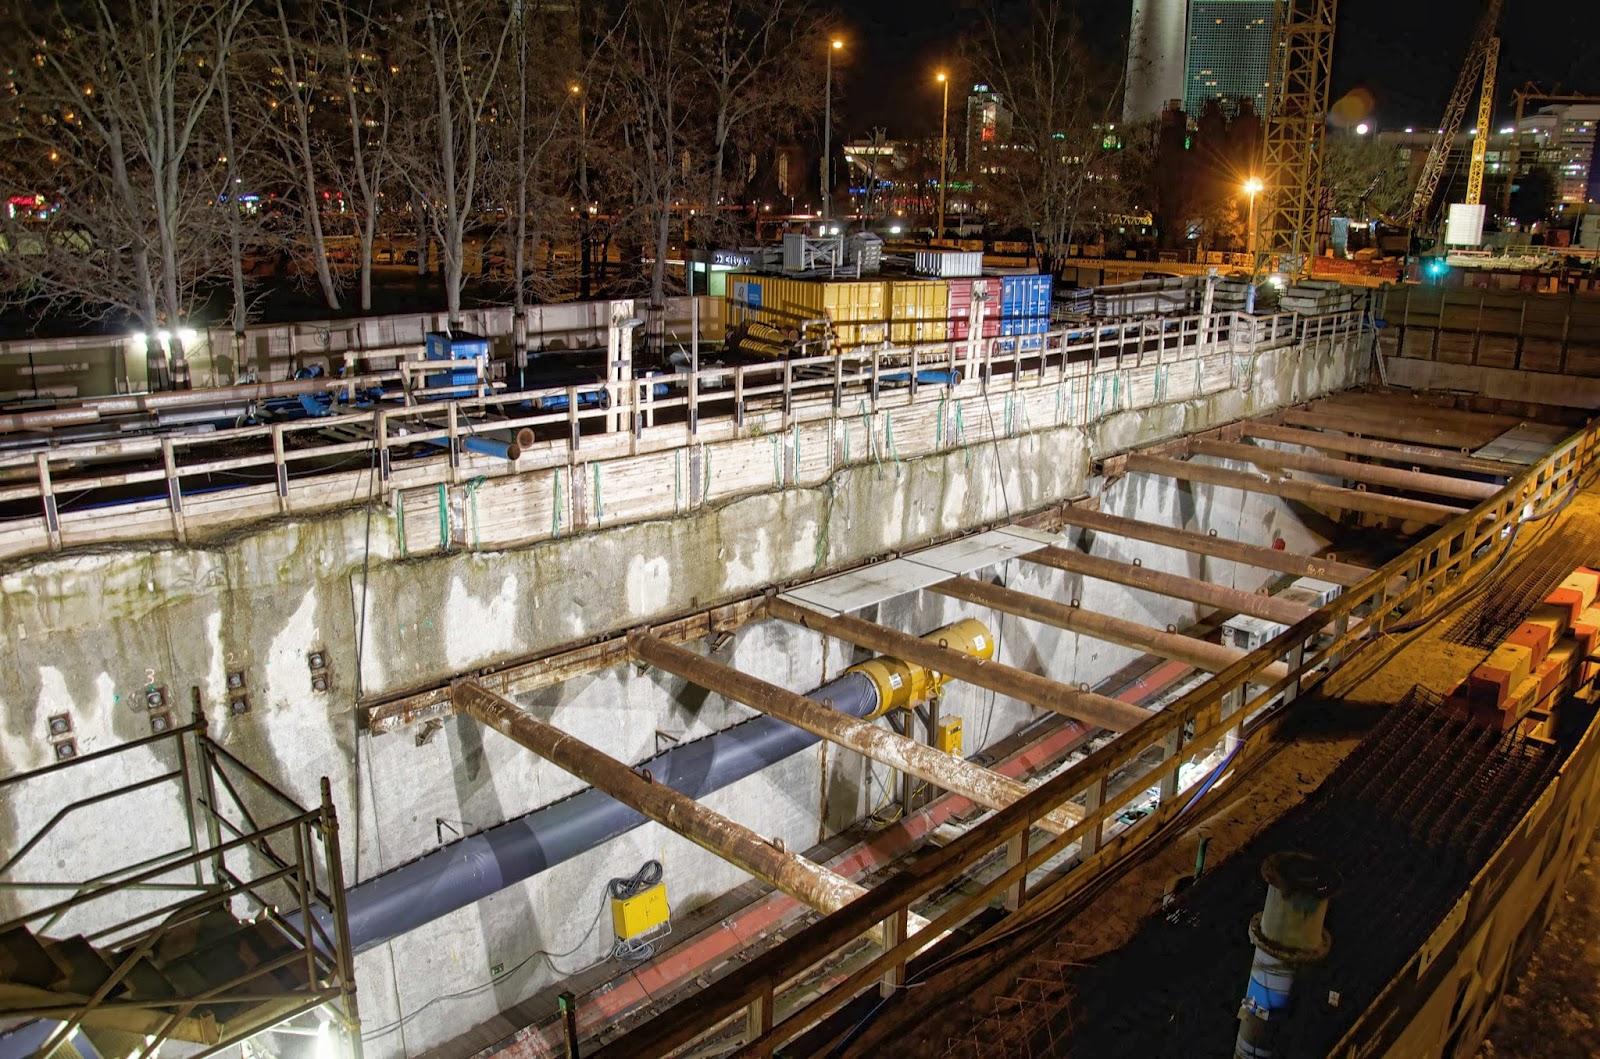 Baustelle Erweiterung der U-Bahn Line 5, Am Roten Rathaus, Rathausstraße, 10178 Berlin, 08.01.2014